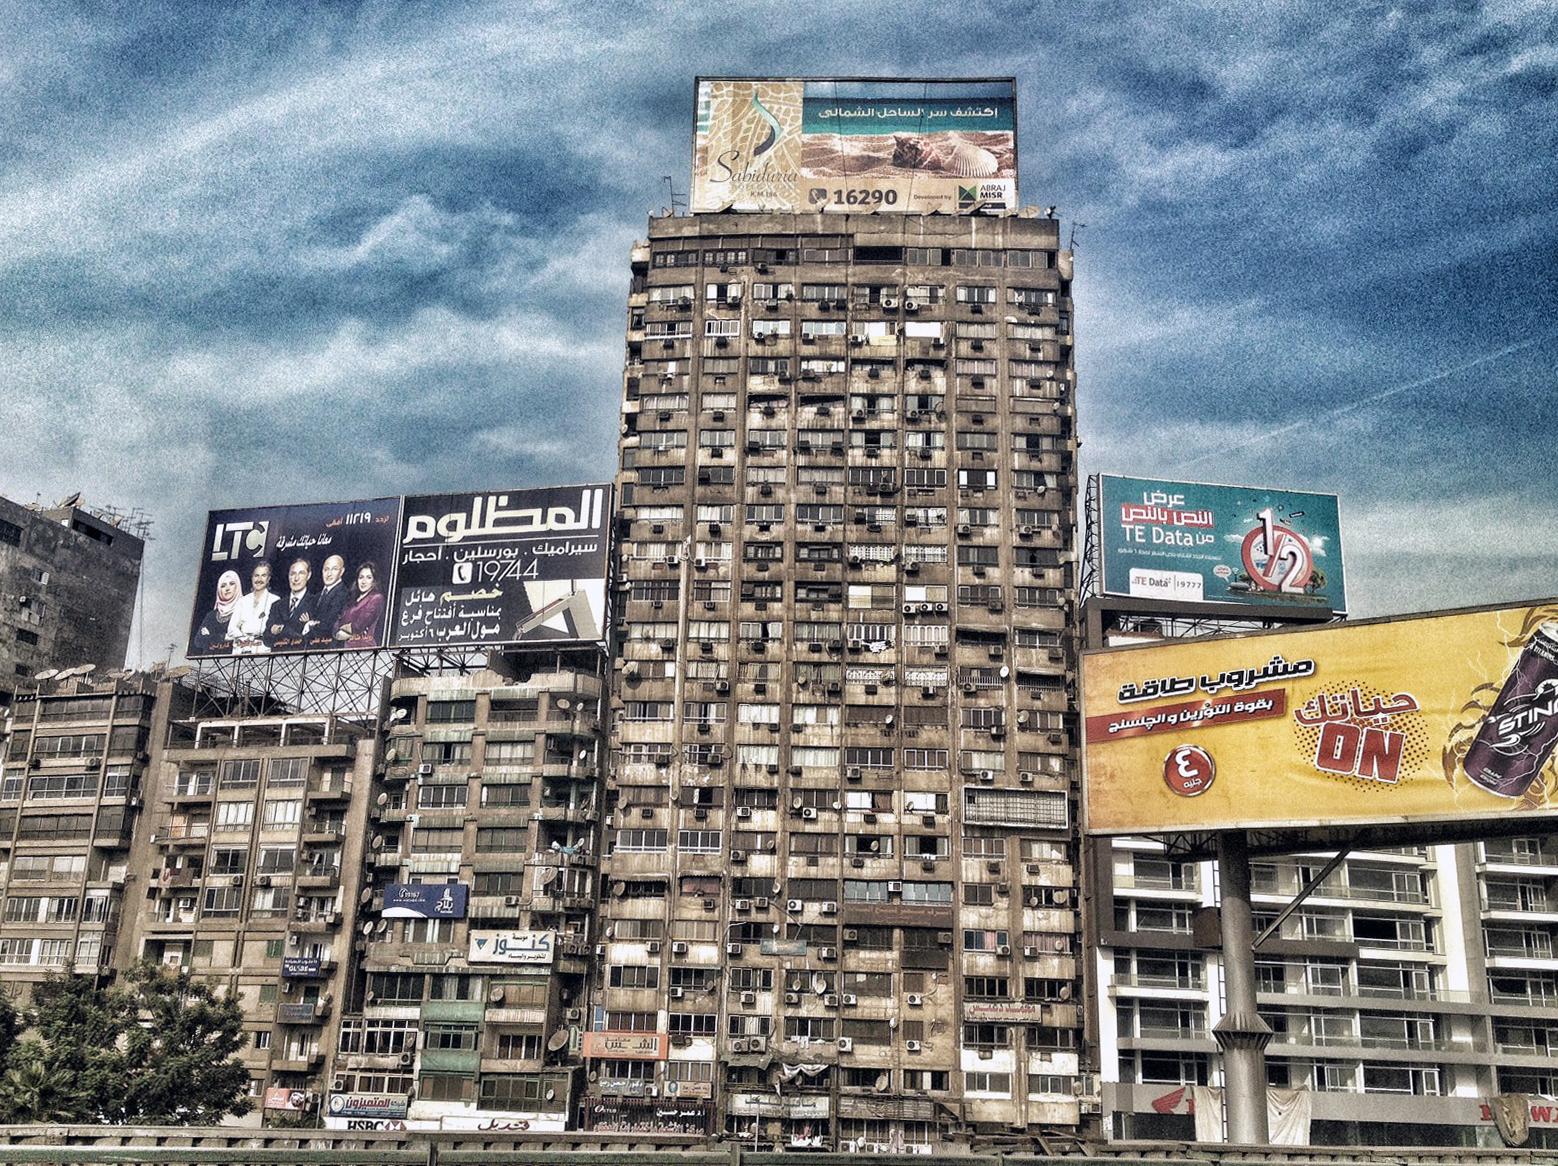 Un edificio de El Cairo / LUIS ROCA ARENCIBIA